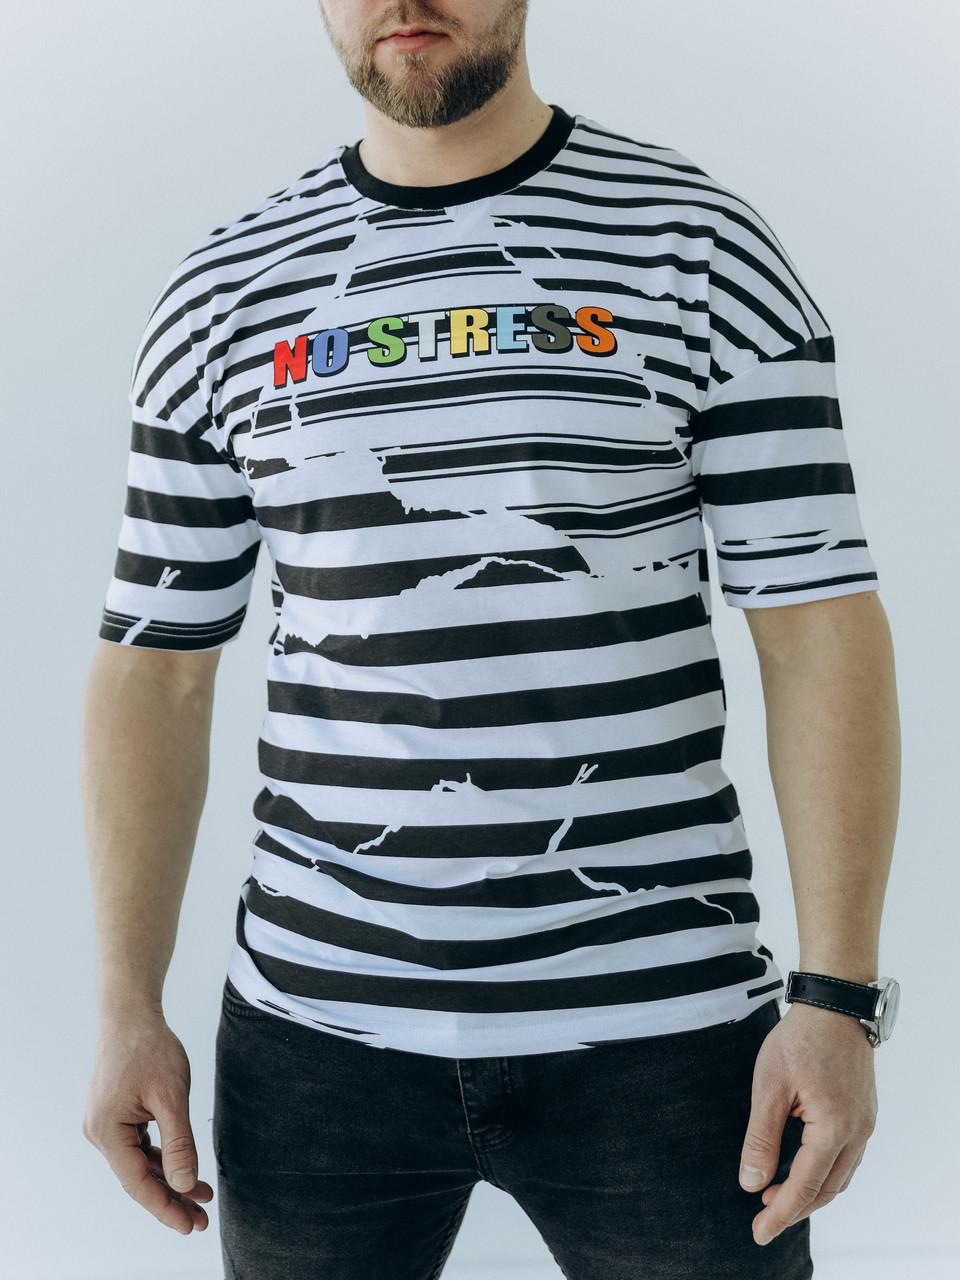 Стильна чоловіча футболка у смужку з яскравим написом на грудях з 100% бавовни